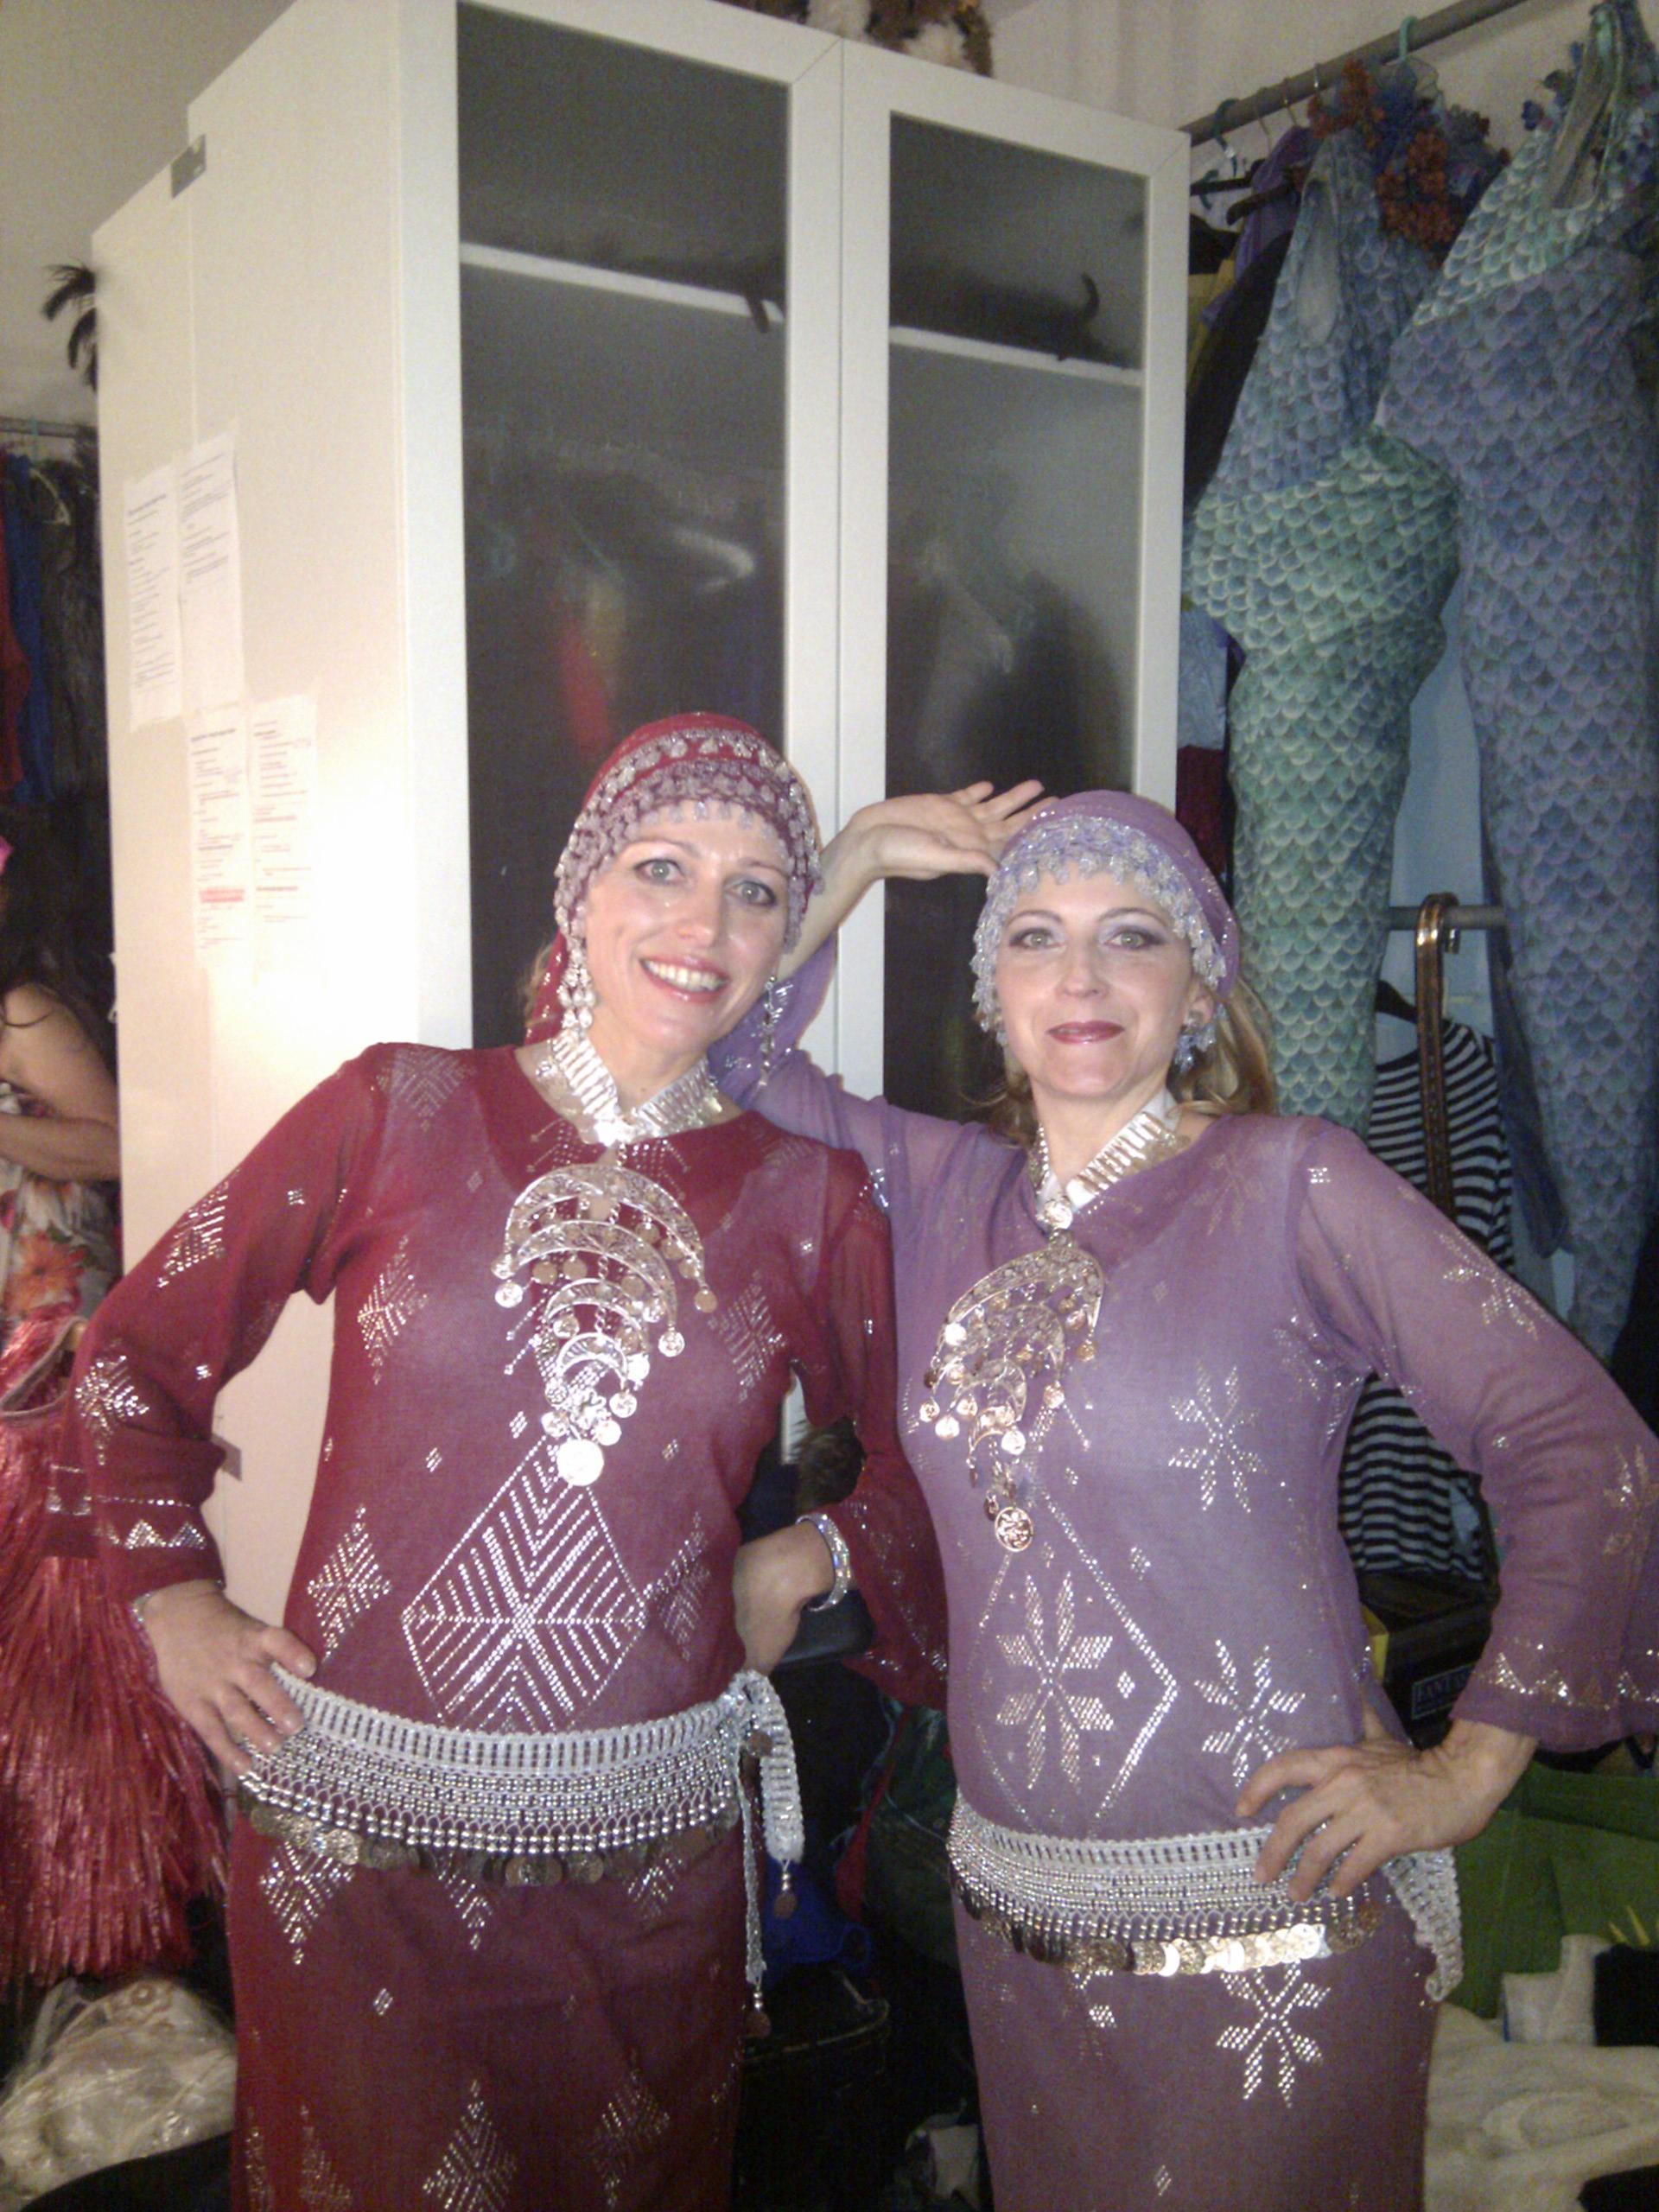 Maria und Gabriele Backstage bei der Show Adiosa in Innsbruck